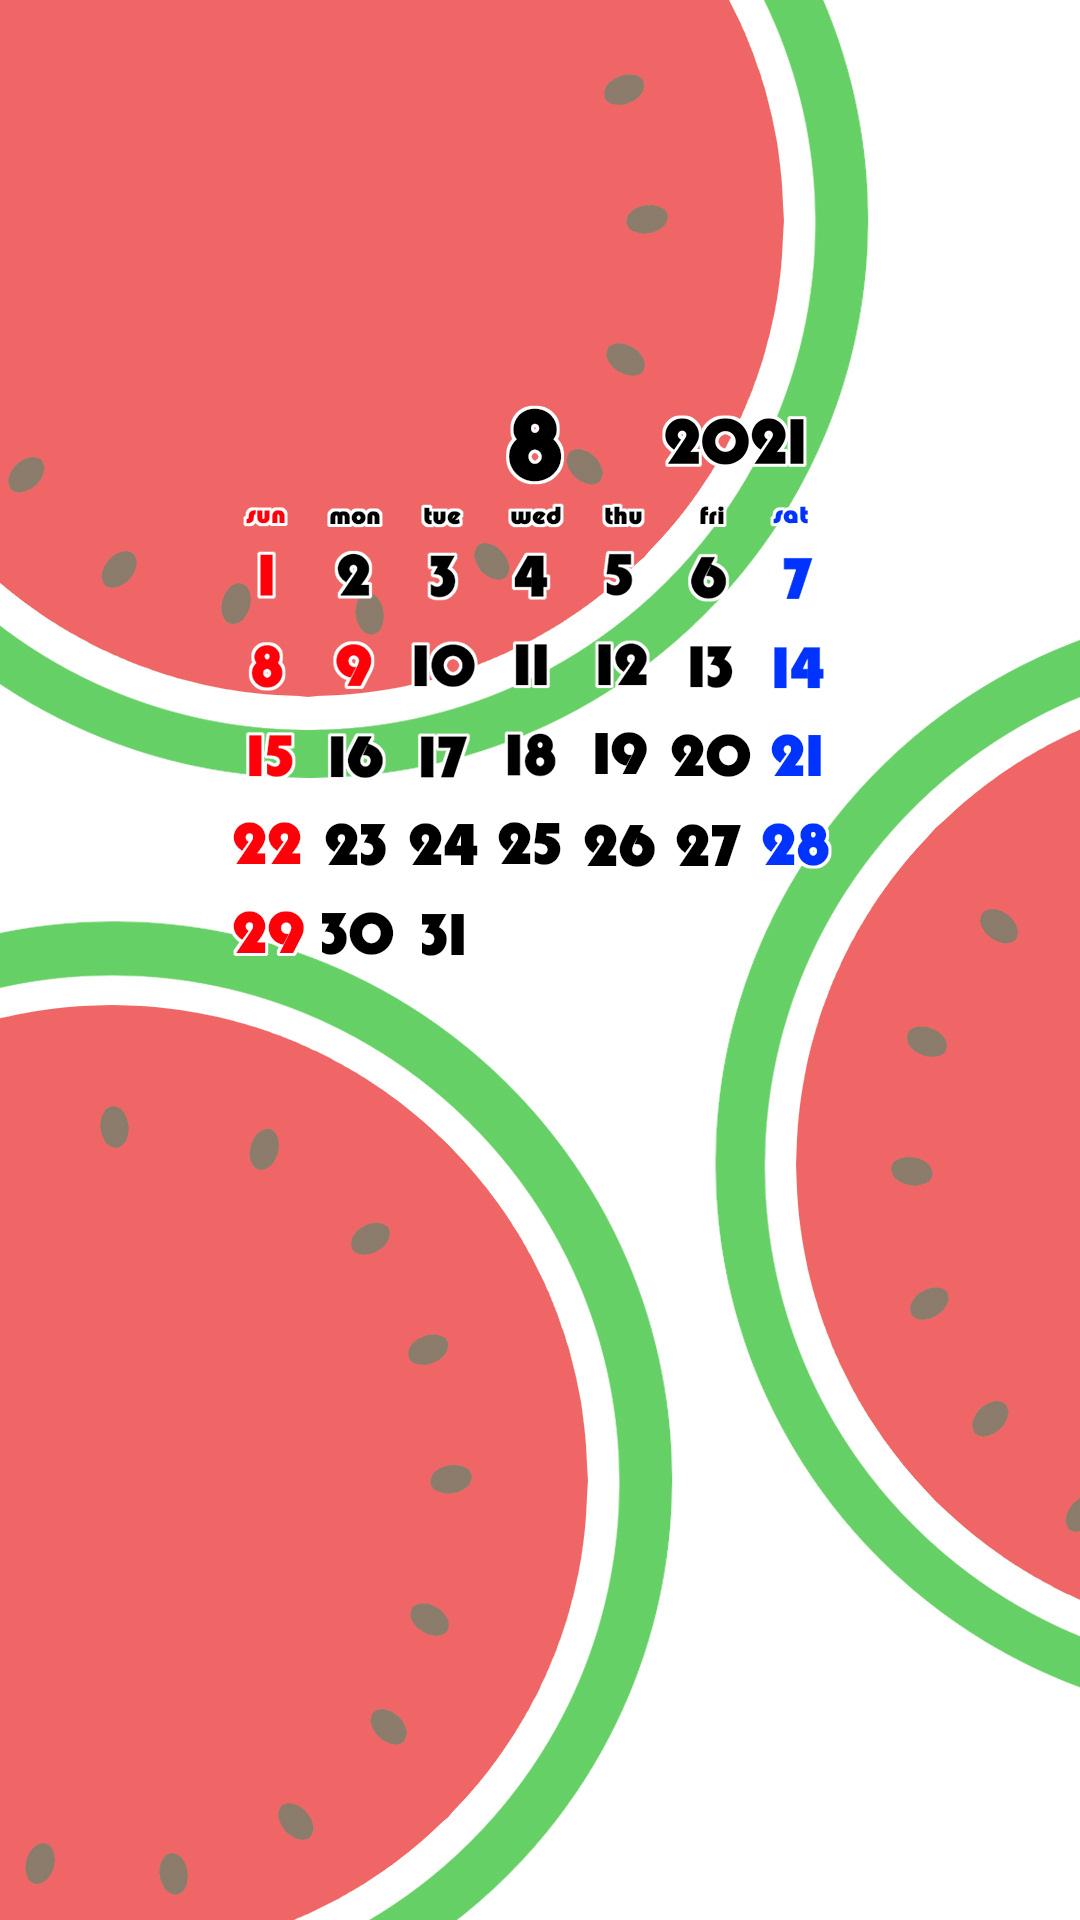 2021年 果物 フルーツ スマホ壁紙待ち受けカレンダー iPhone Android 令和3年8月 スイカ